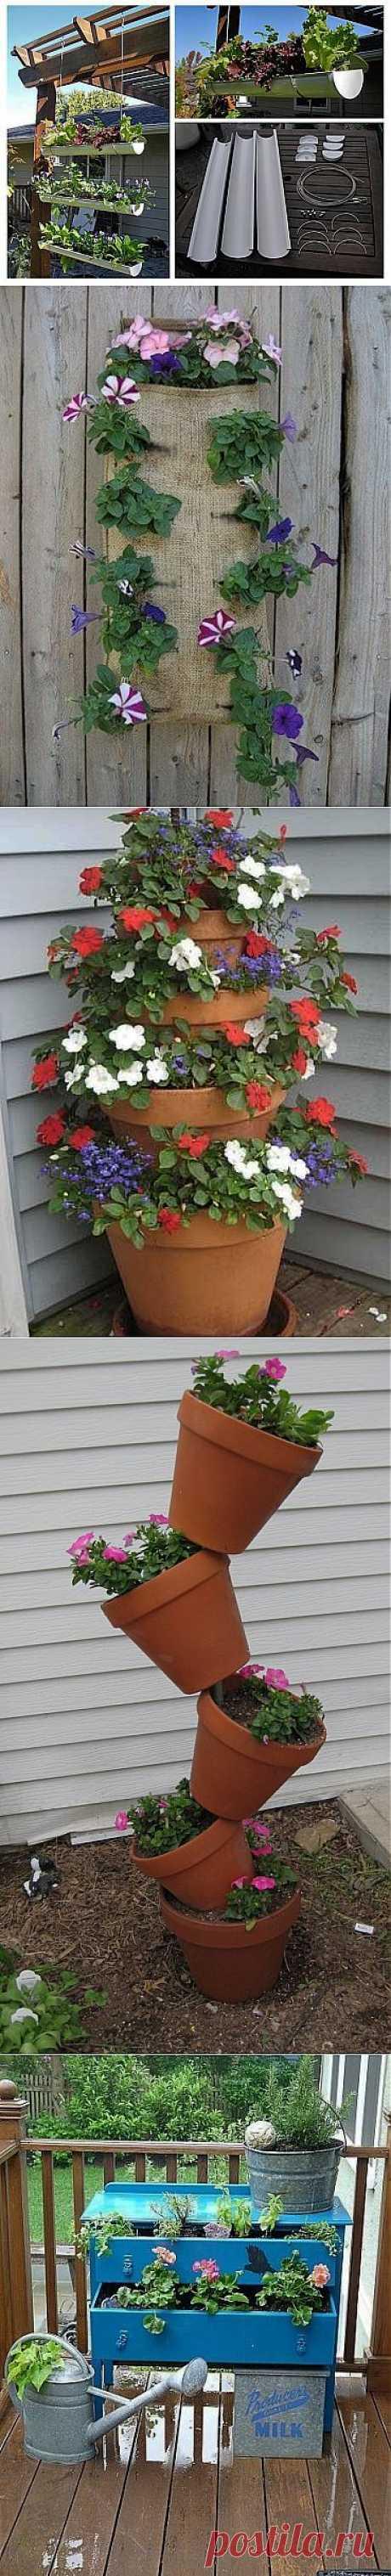 10 идей вертикальных грядок. Если у вас маленький огород или вы просто любите экспериментировать, создайте вертикальную грядку у себя на участке. Для обладателей совсем небольших огородов  вертикальное озеленение -  это просто находка. Таким способом  можно выращивать огромное количество культур: зелень, пряные травы, клубнику, картофель, цветы, помидоры, перцы и многое другое.